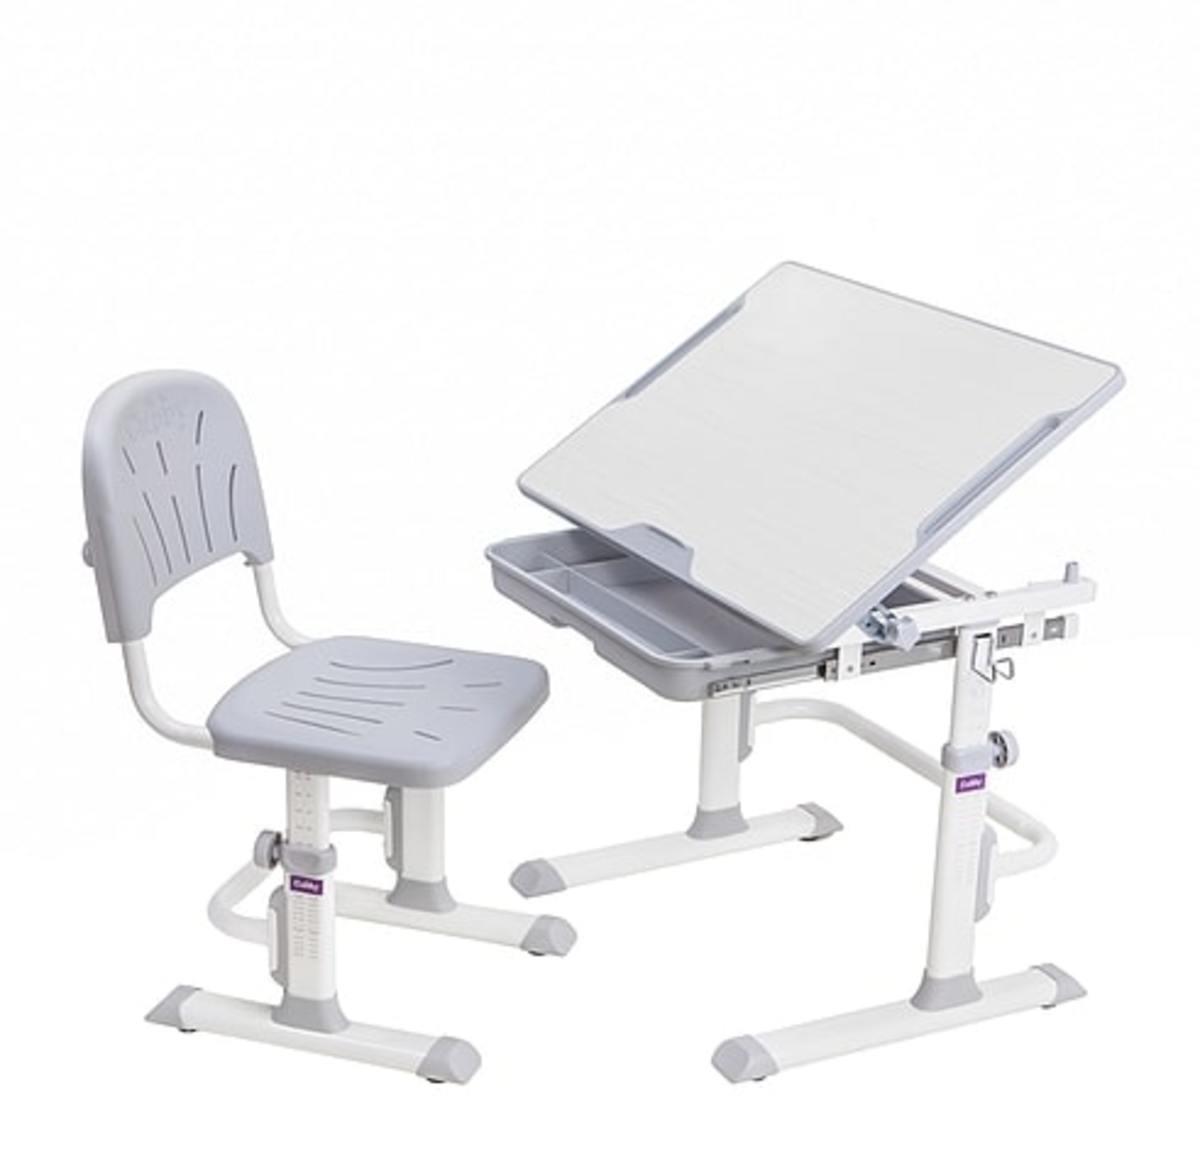 Detský písací stôl + stoličky Cubby Lupin - šedý